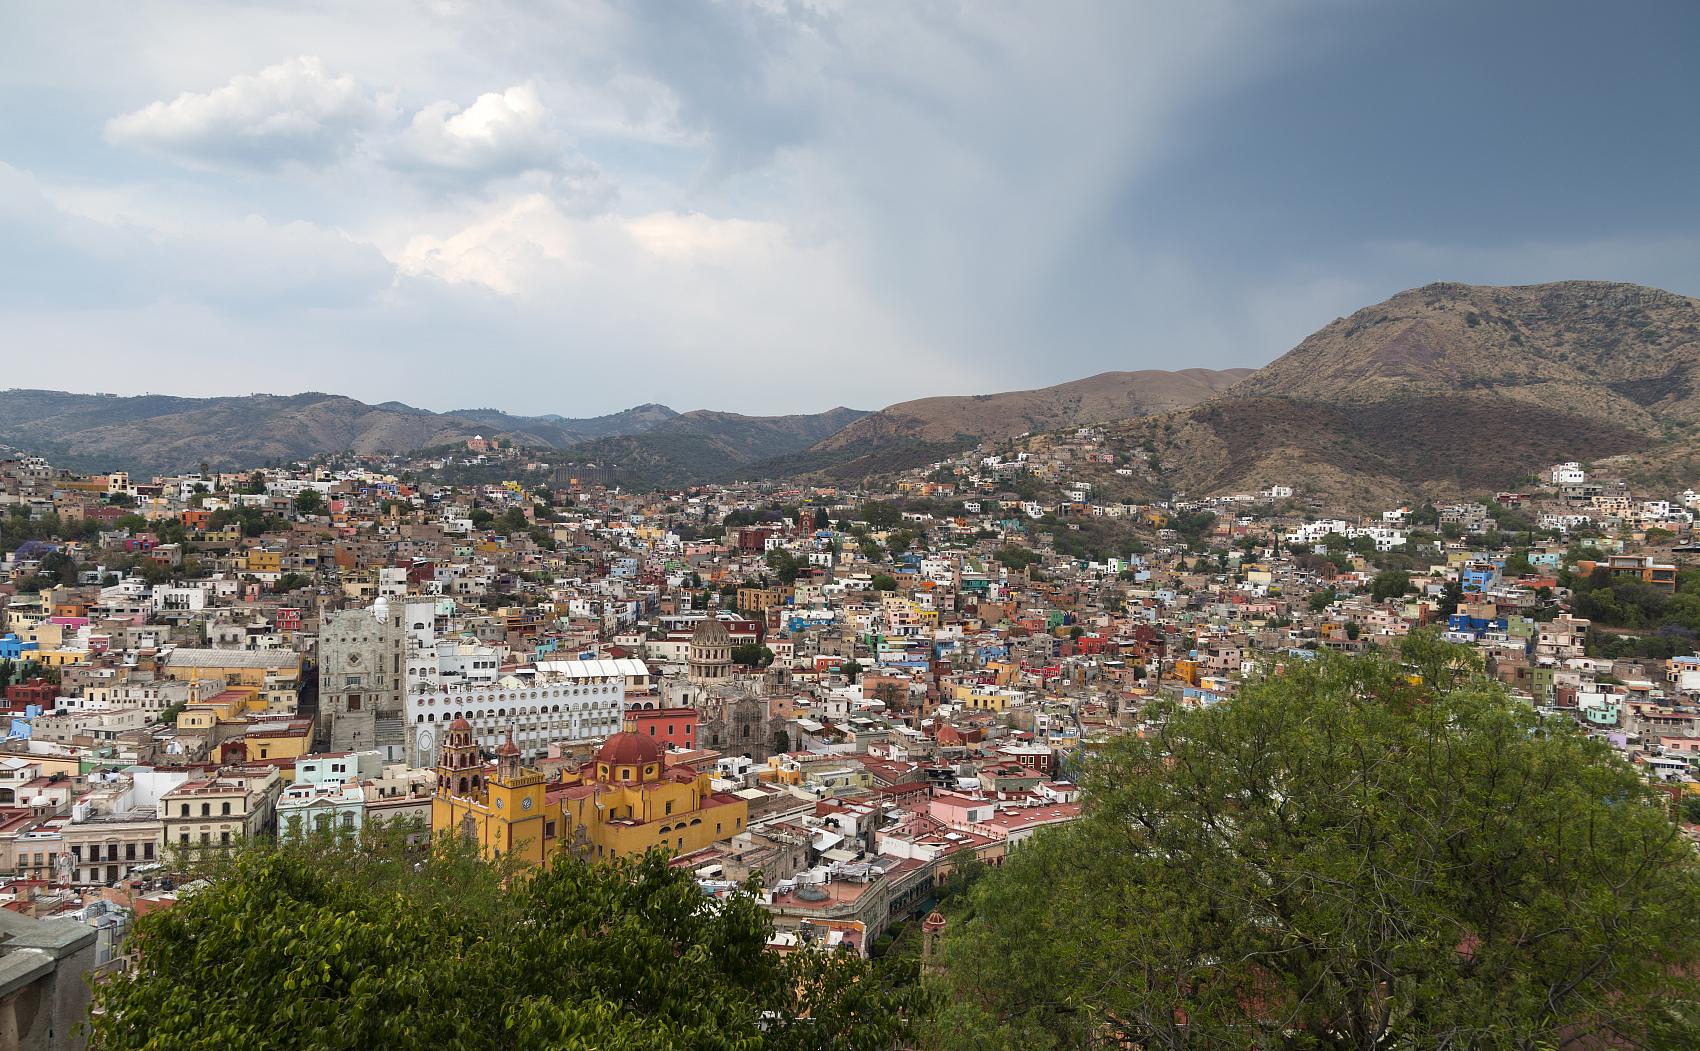 Mexico confirms first case of coronavirus